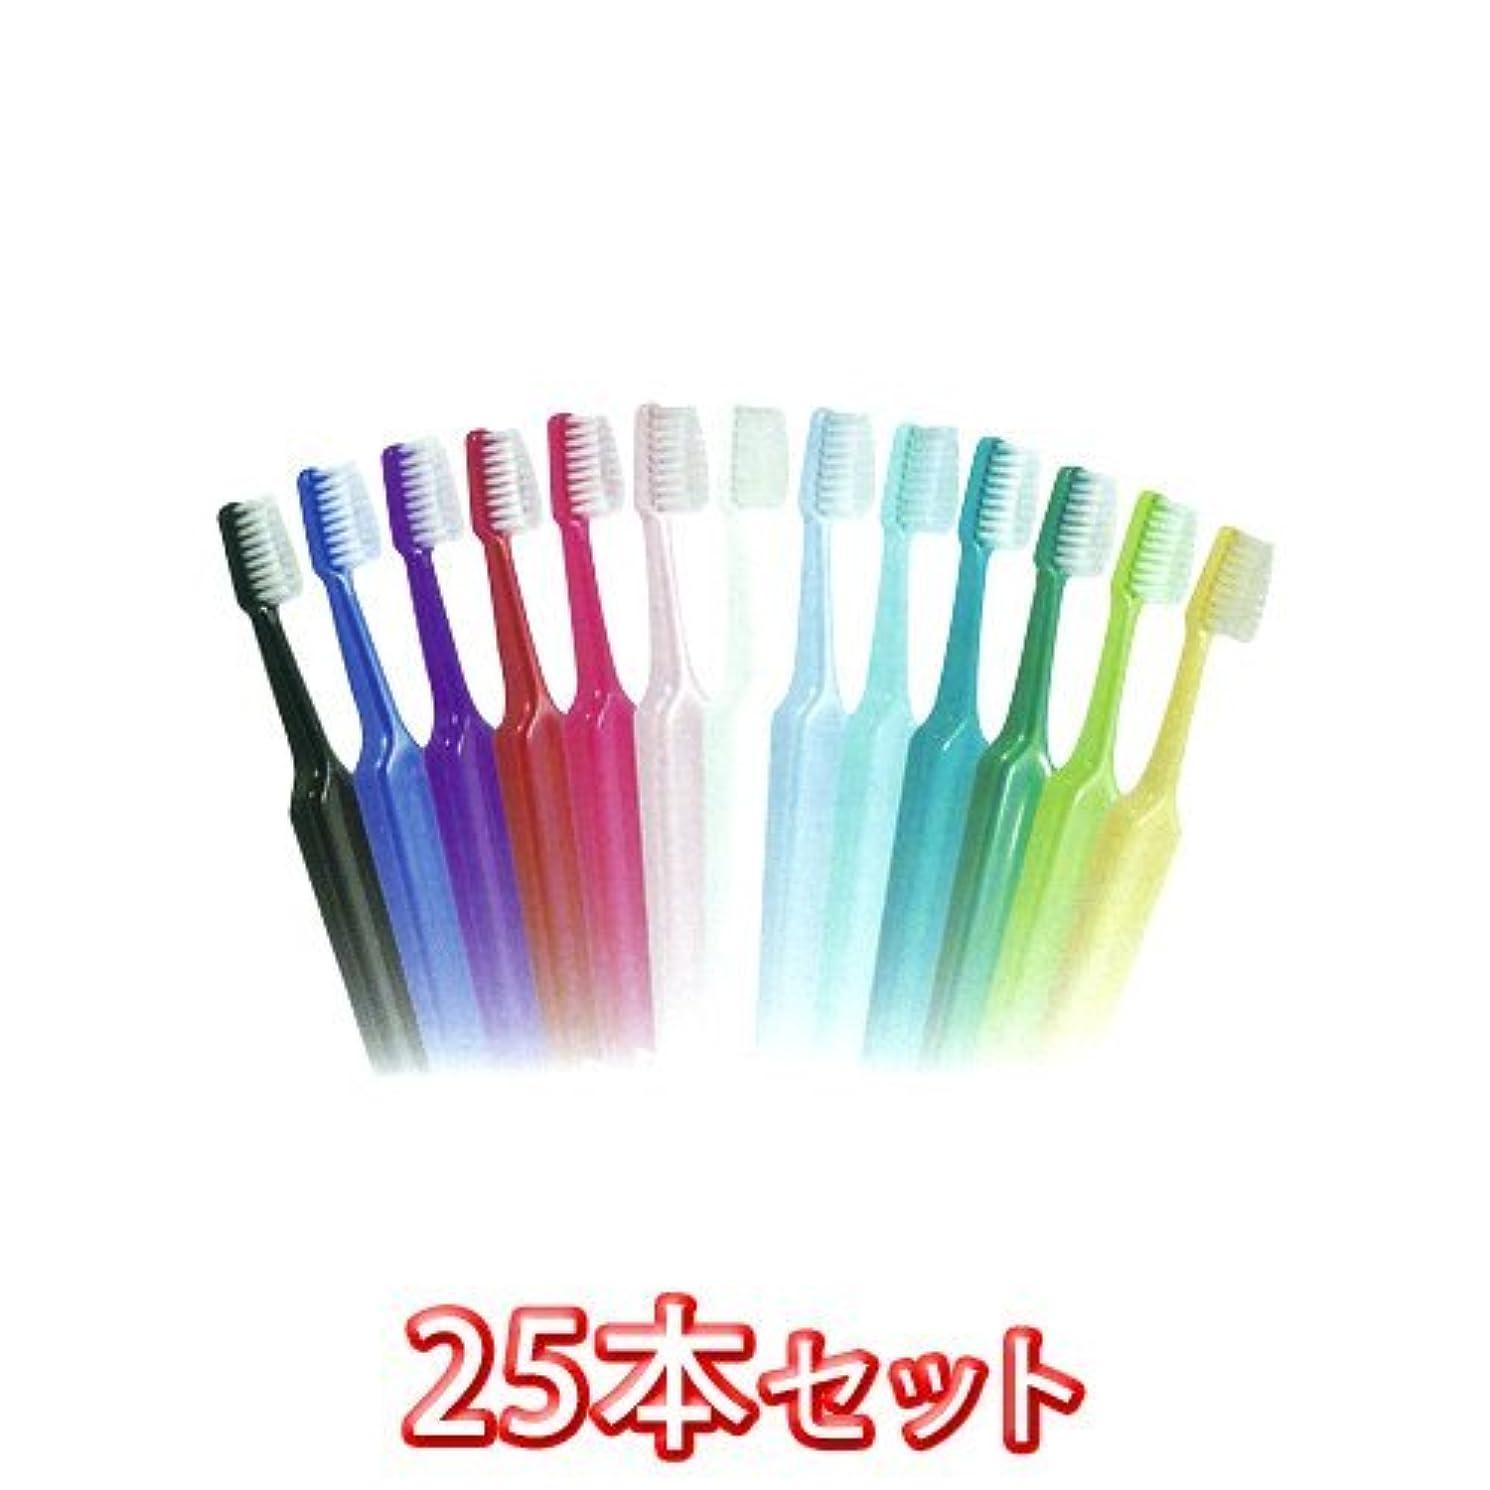 五十便宜時計回りTePeテペセレクトコンパクト歯ブラシ 25本(コンパクトエクストラソフト)